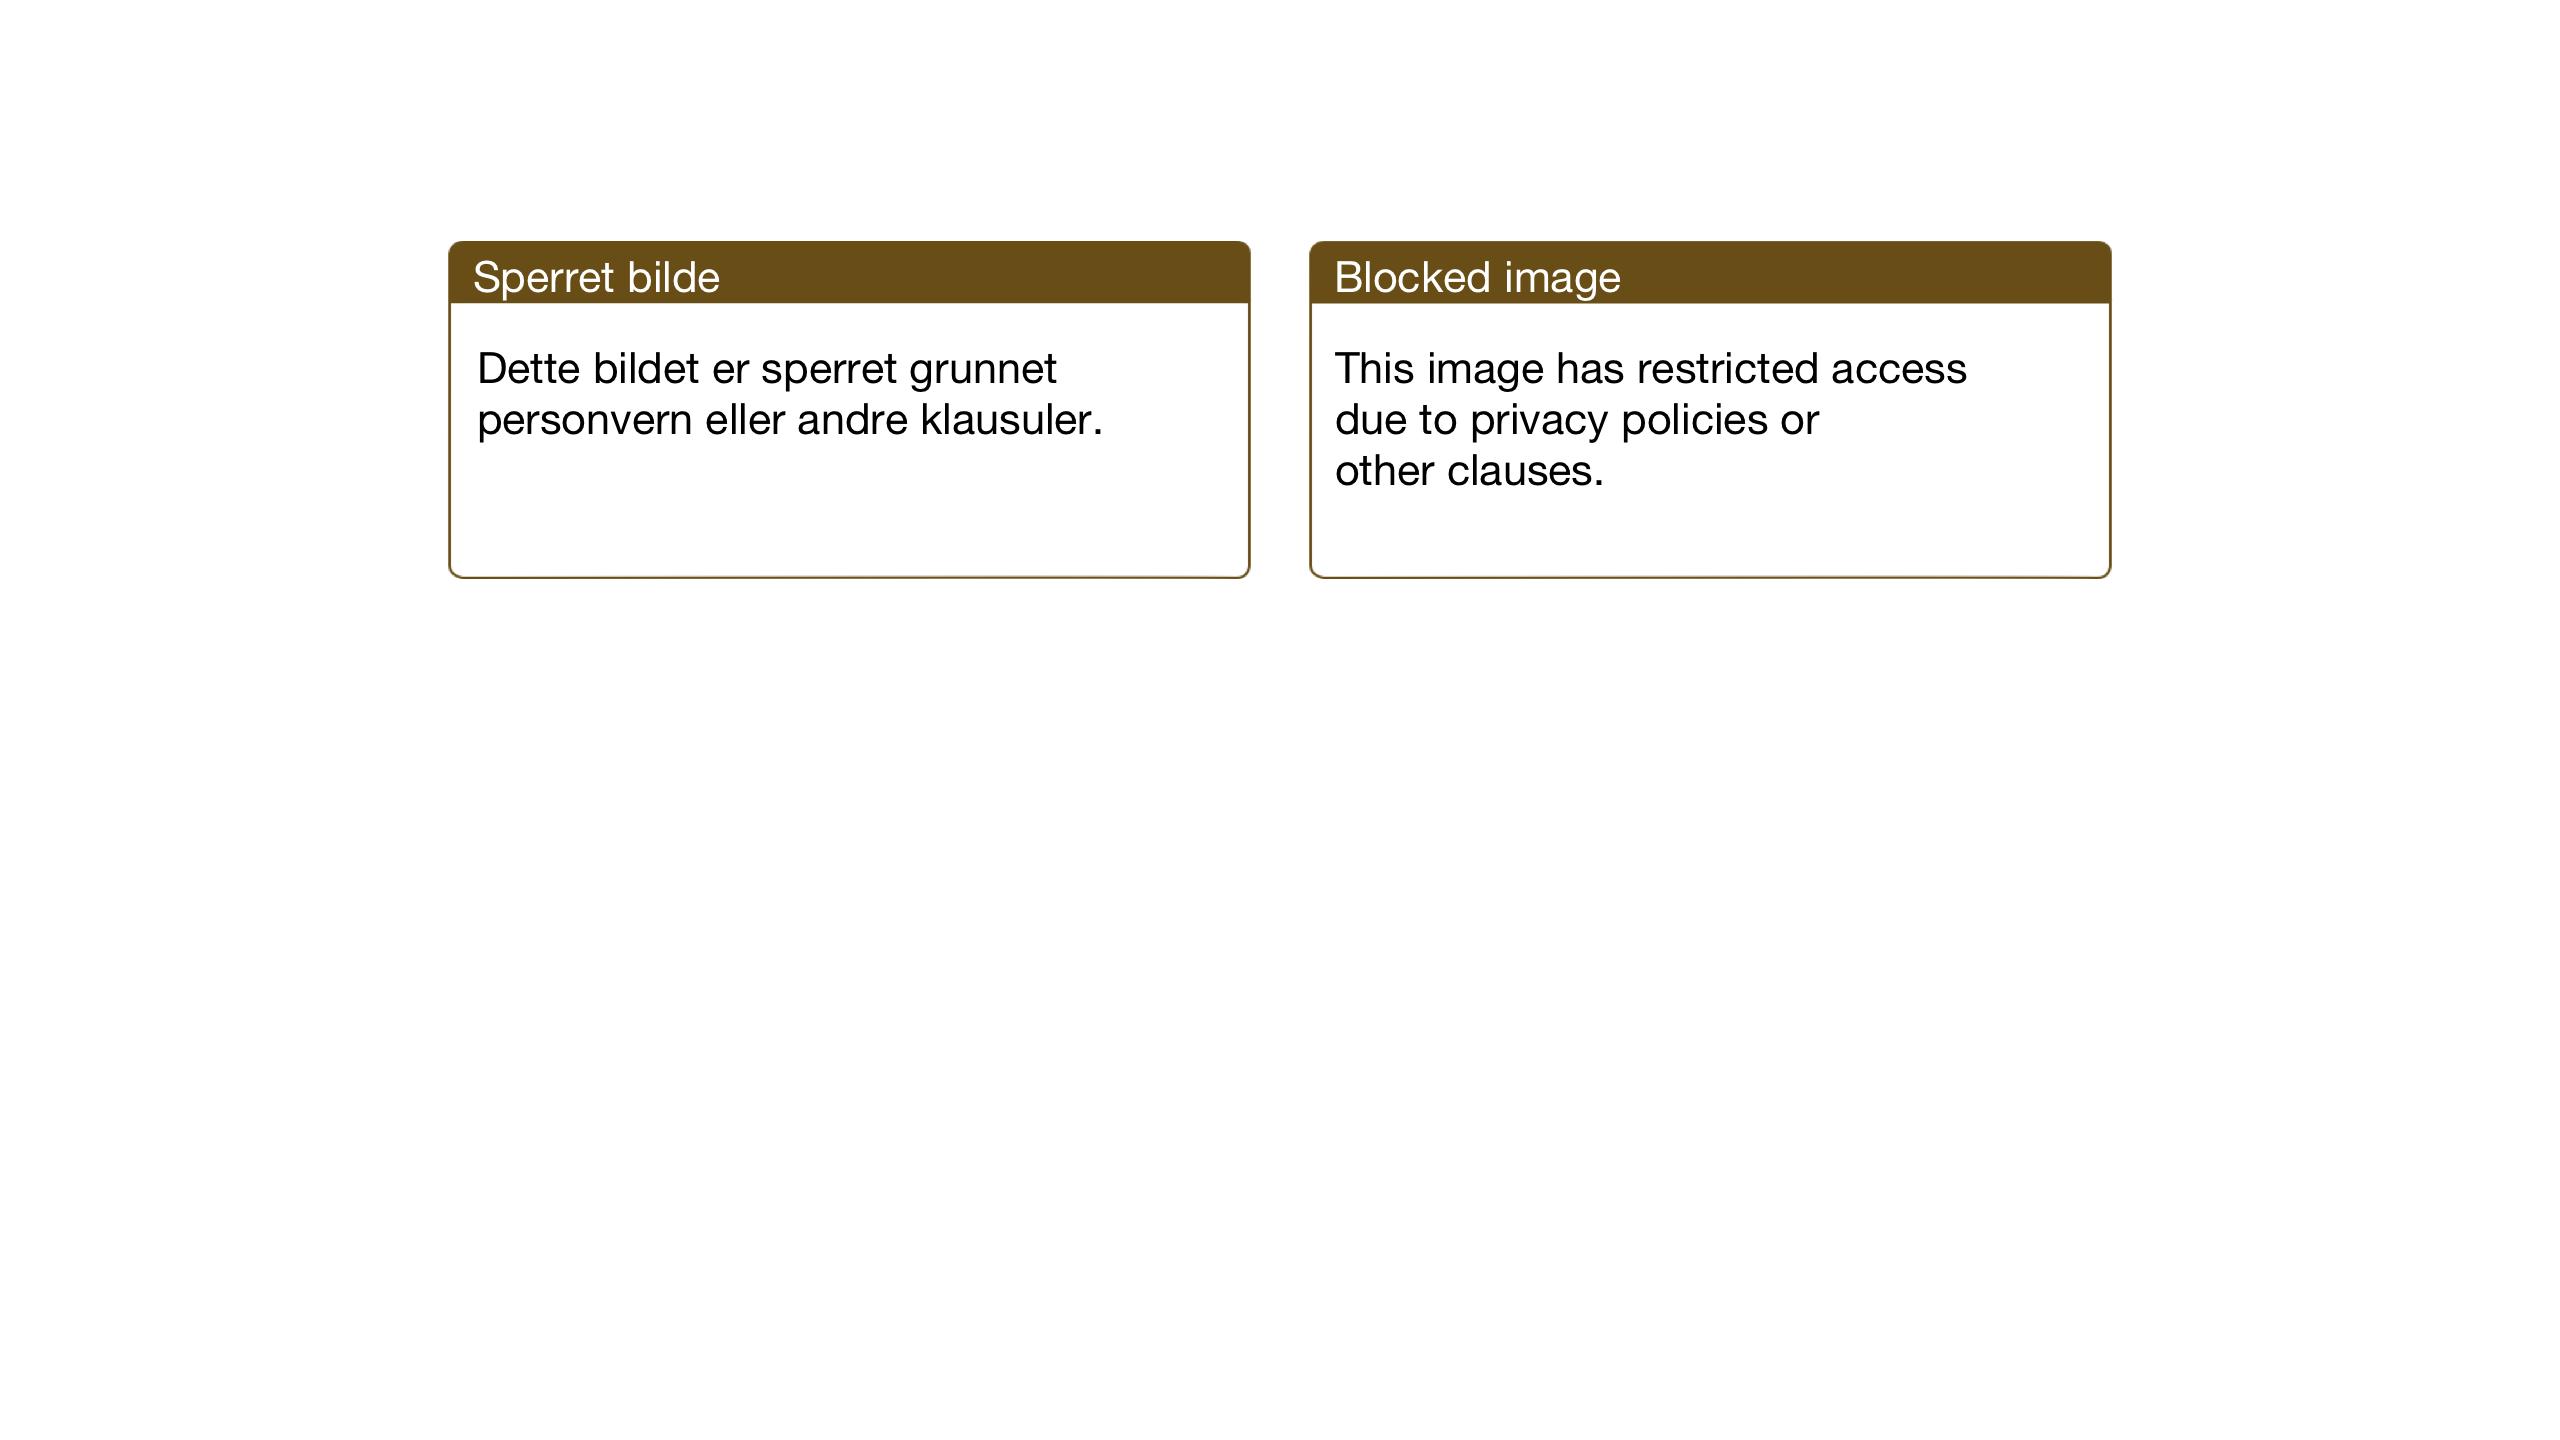 SAT, Ministerialprotokoller, klokkerbøker og fødselsregistre - Nord-Trøndelag, 722/L0227: Klokkerbok nr. 722C03, 1928-1958, s. 23